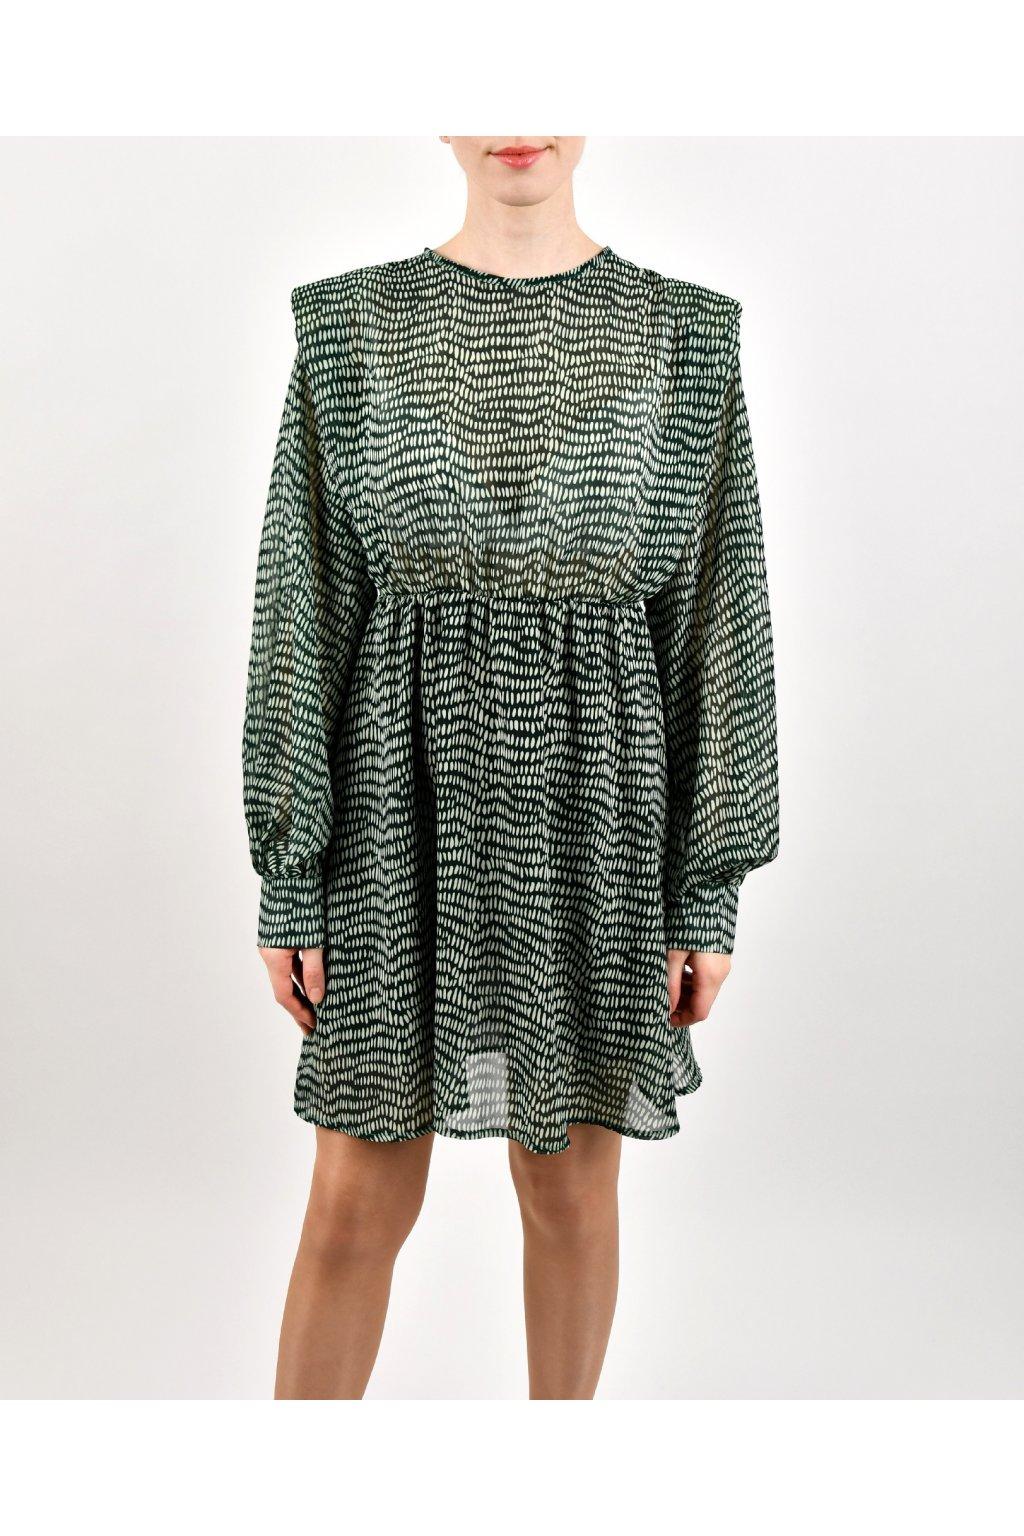 Šaty s vypchávkami - VERDE PRINT SH